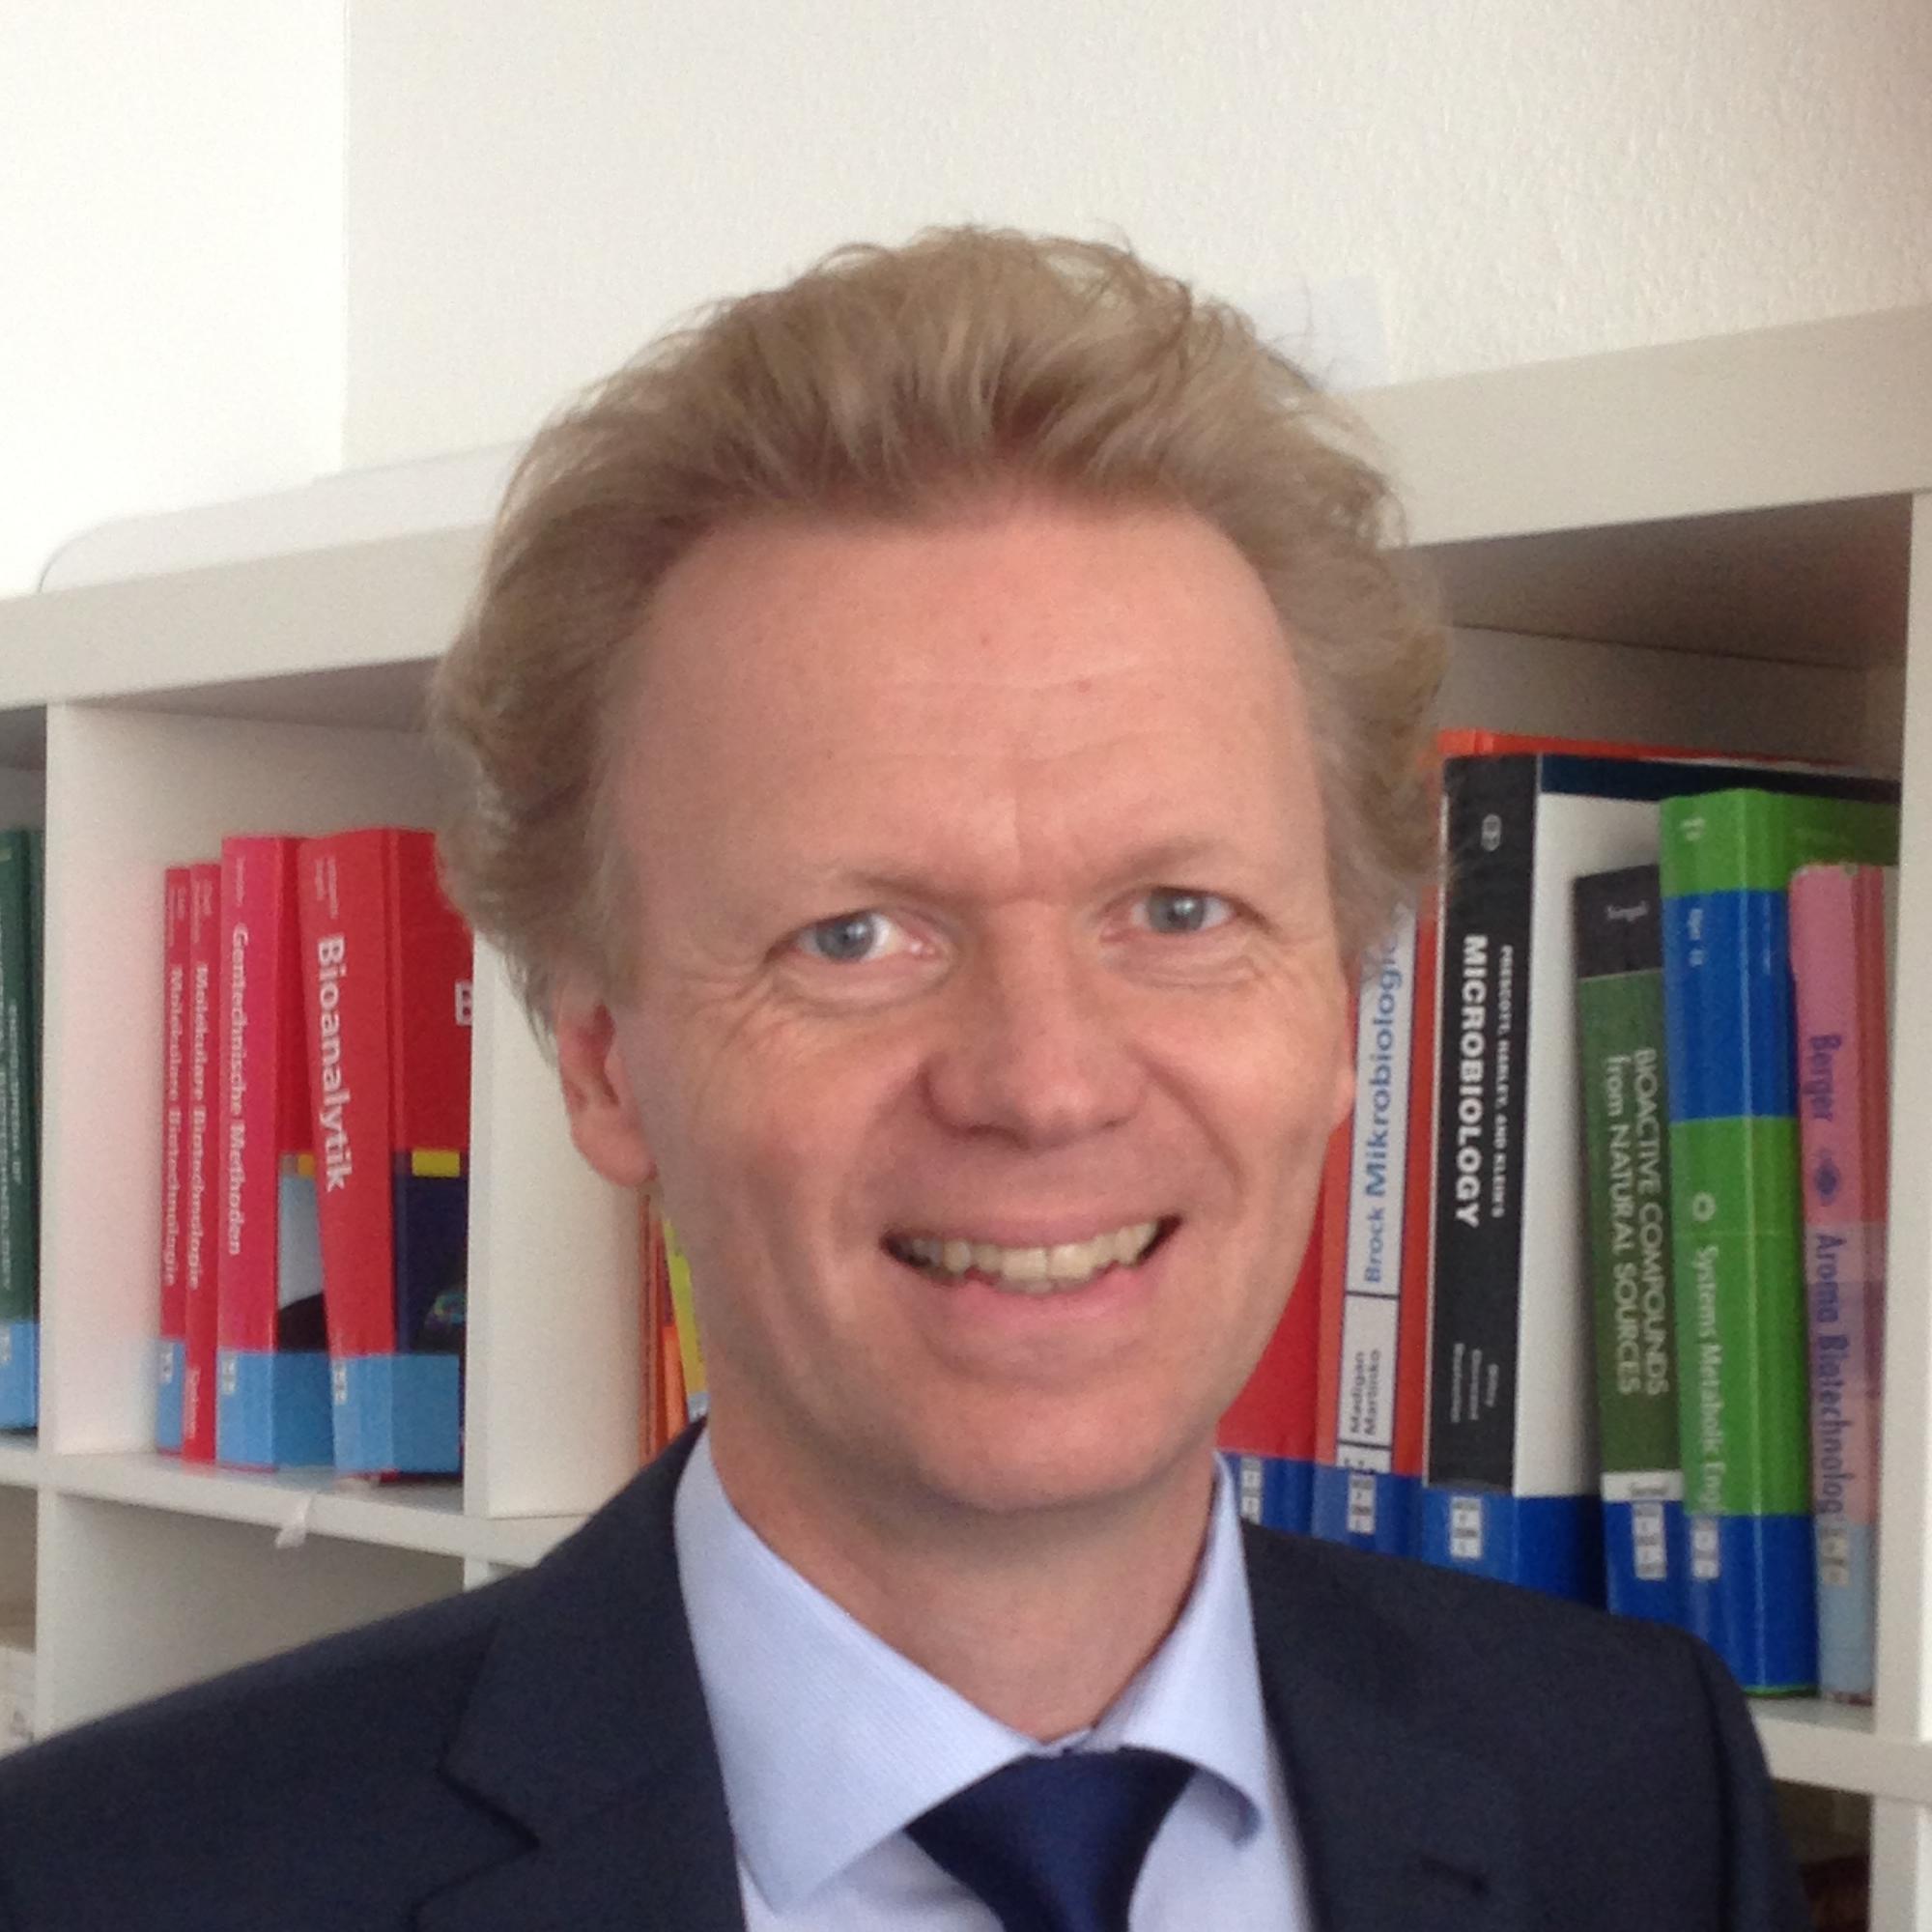 Jens Schrader image